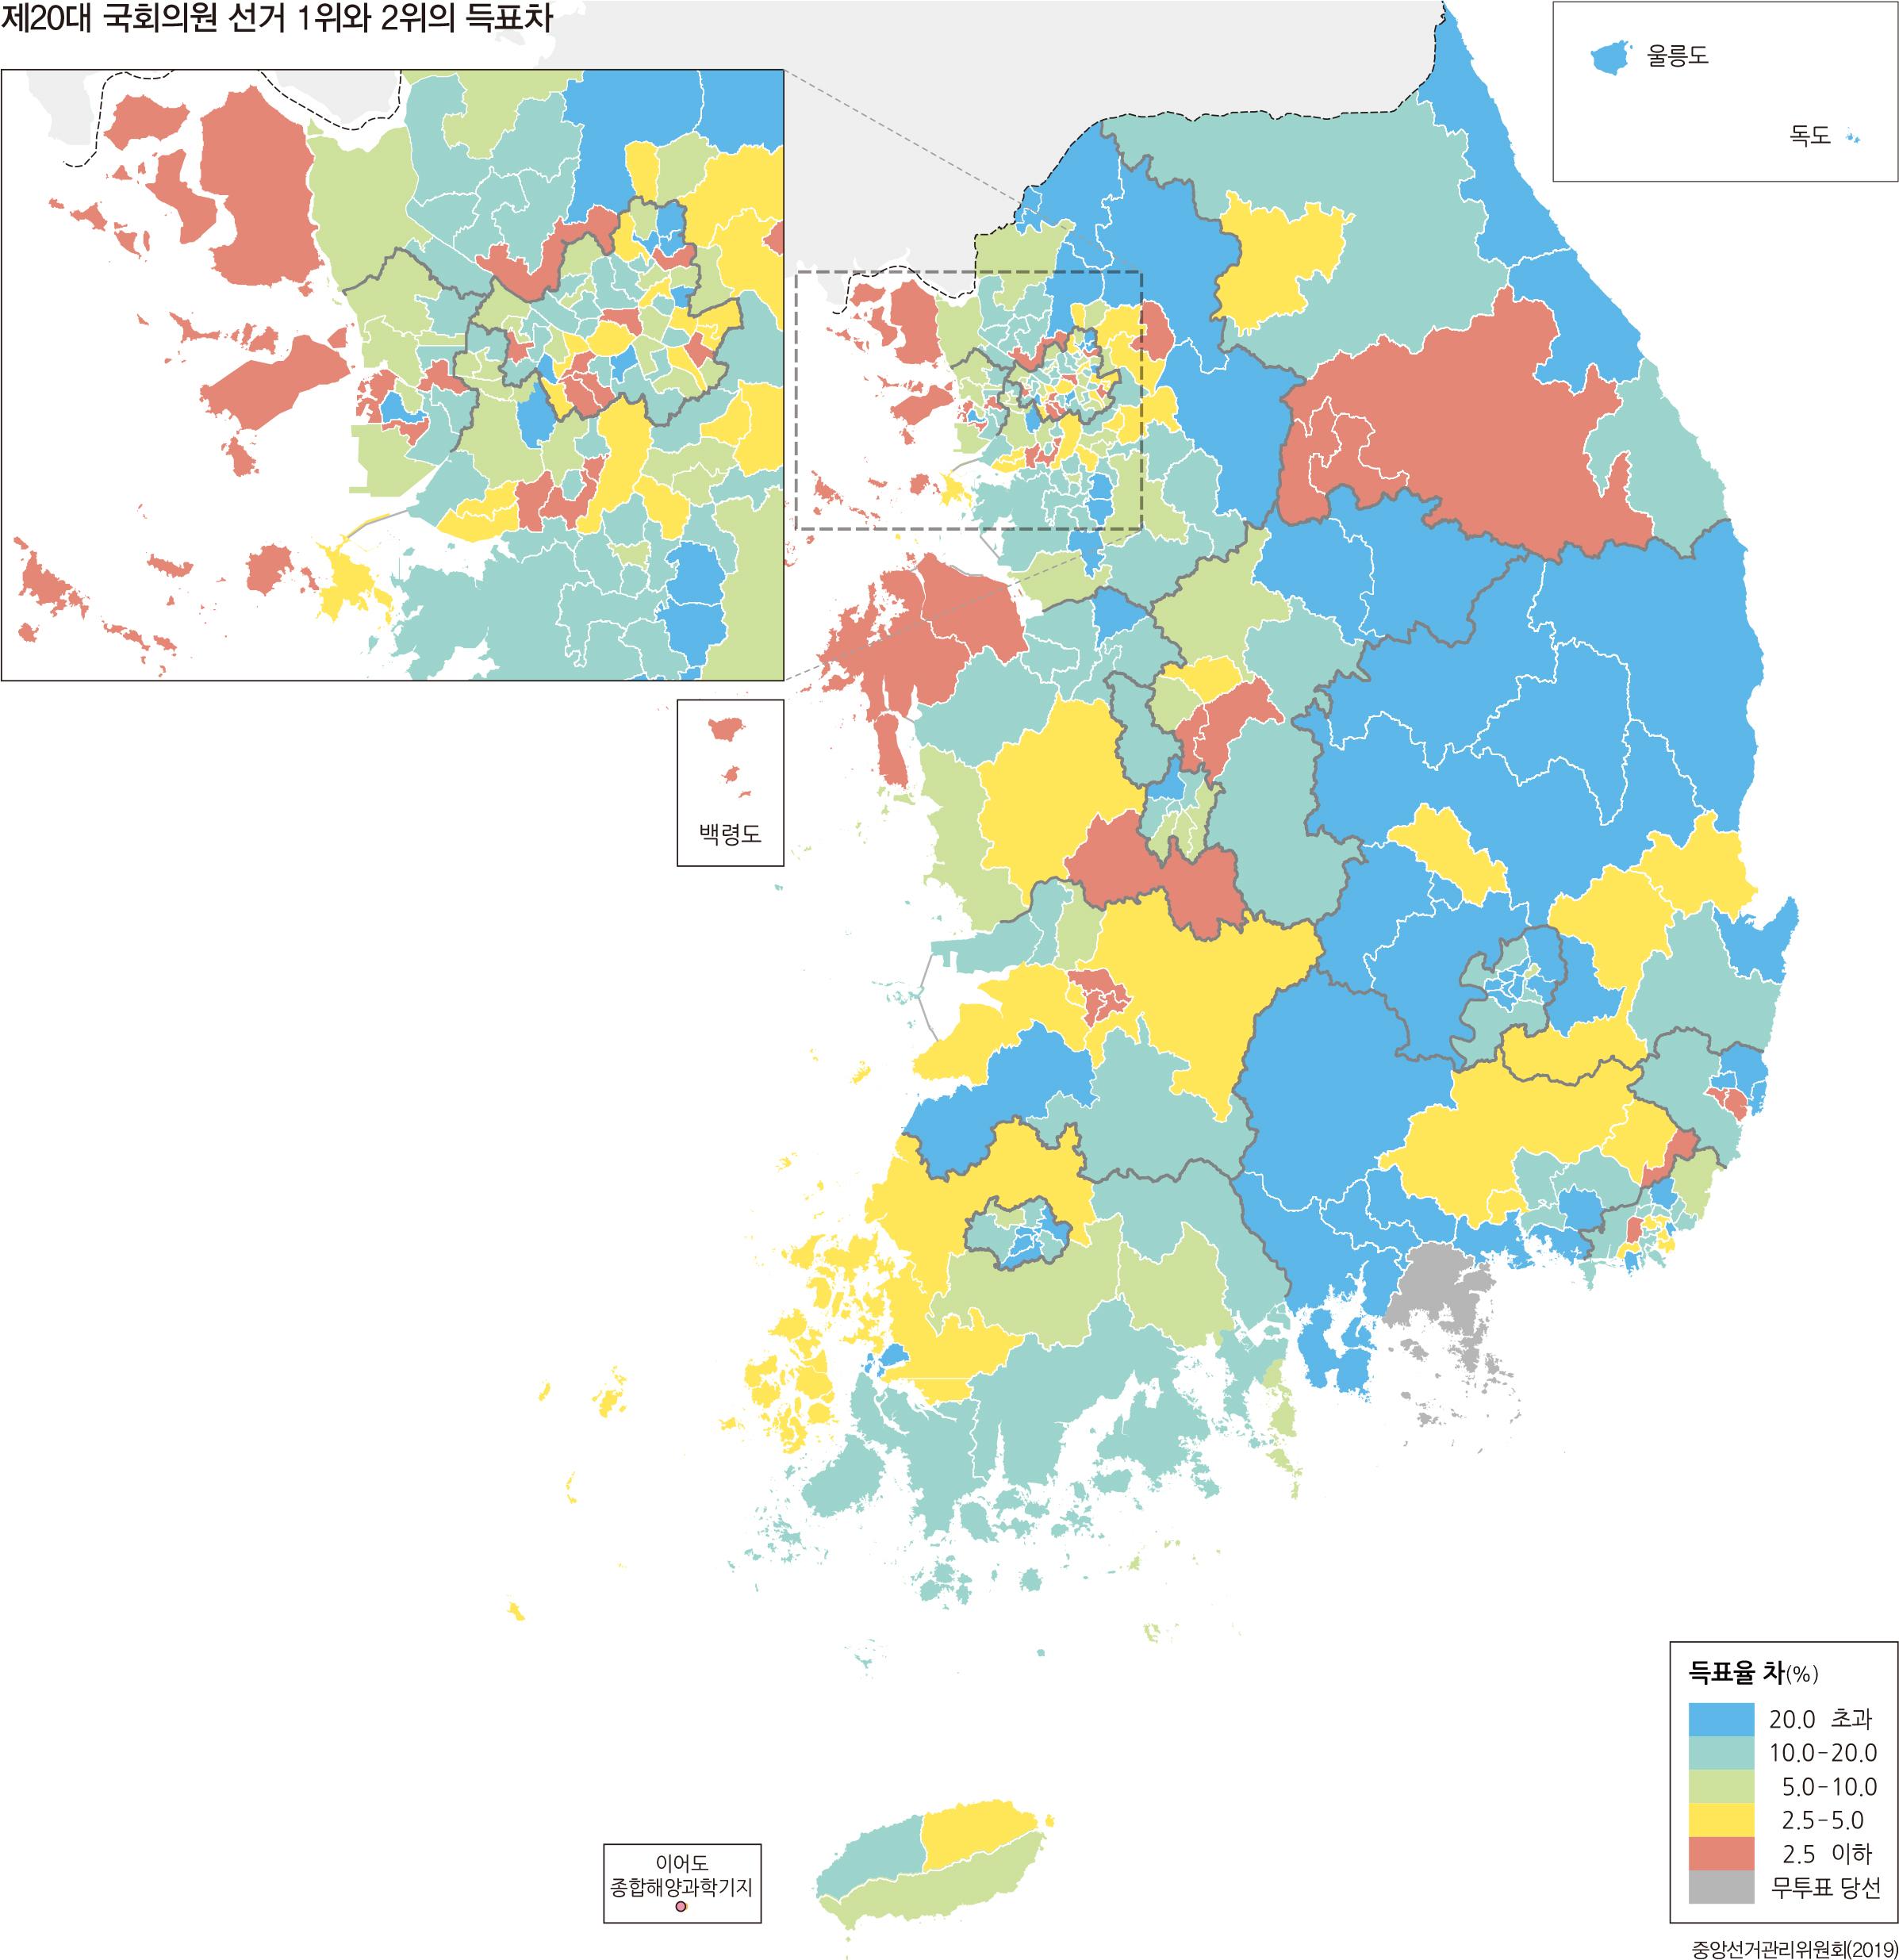 제20대 국회의원 선거 1위와 2위의 득표차